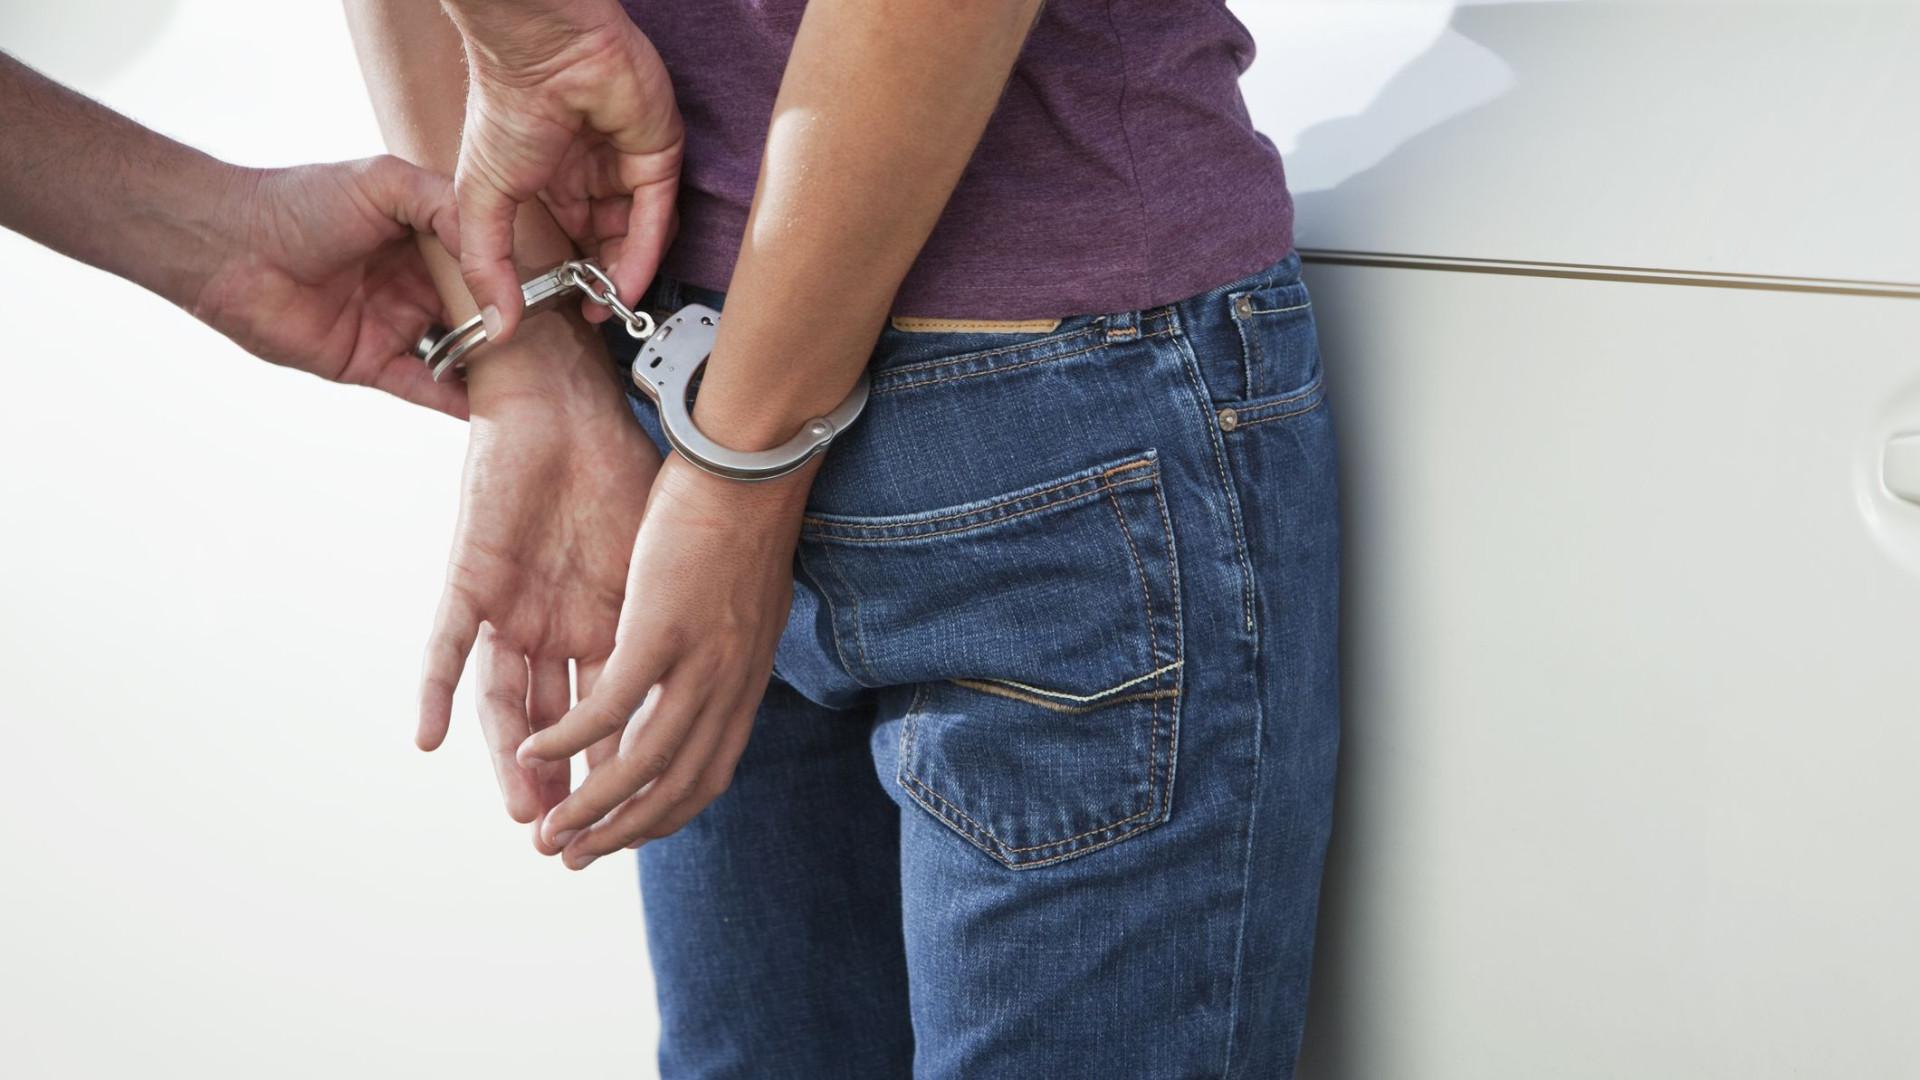 Detido e apanhado com droga devido a comportamento estranho